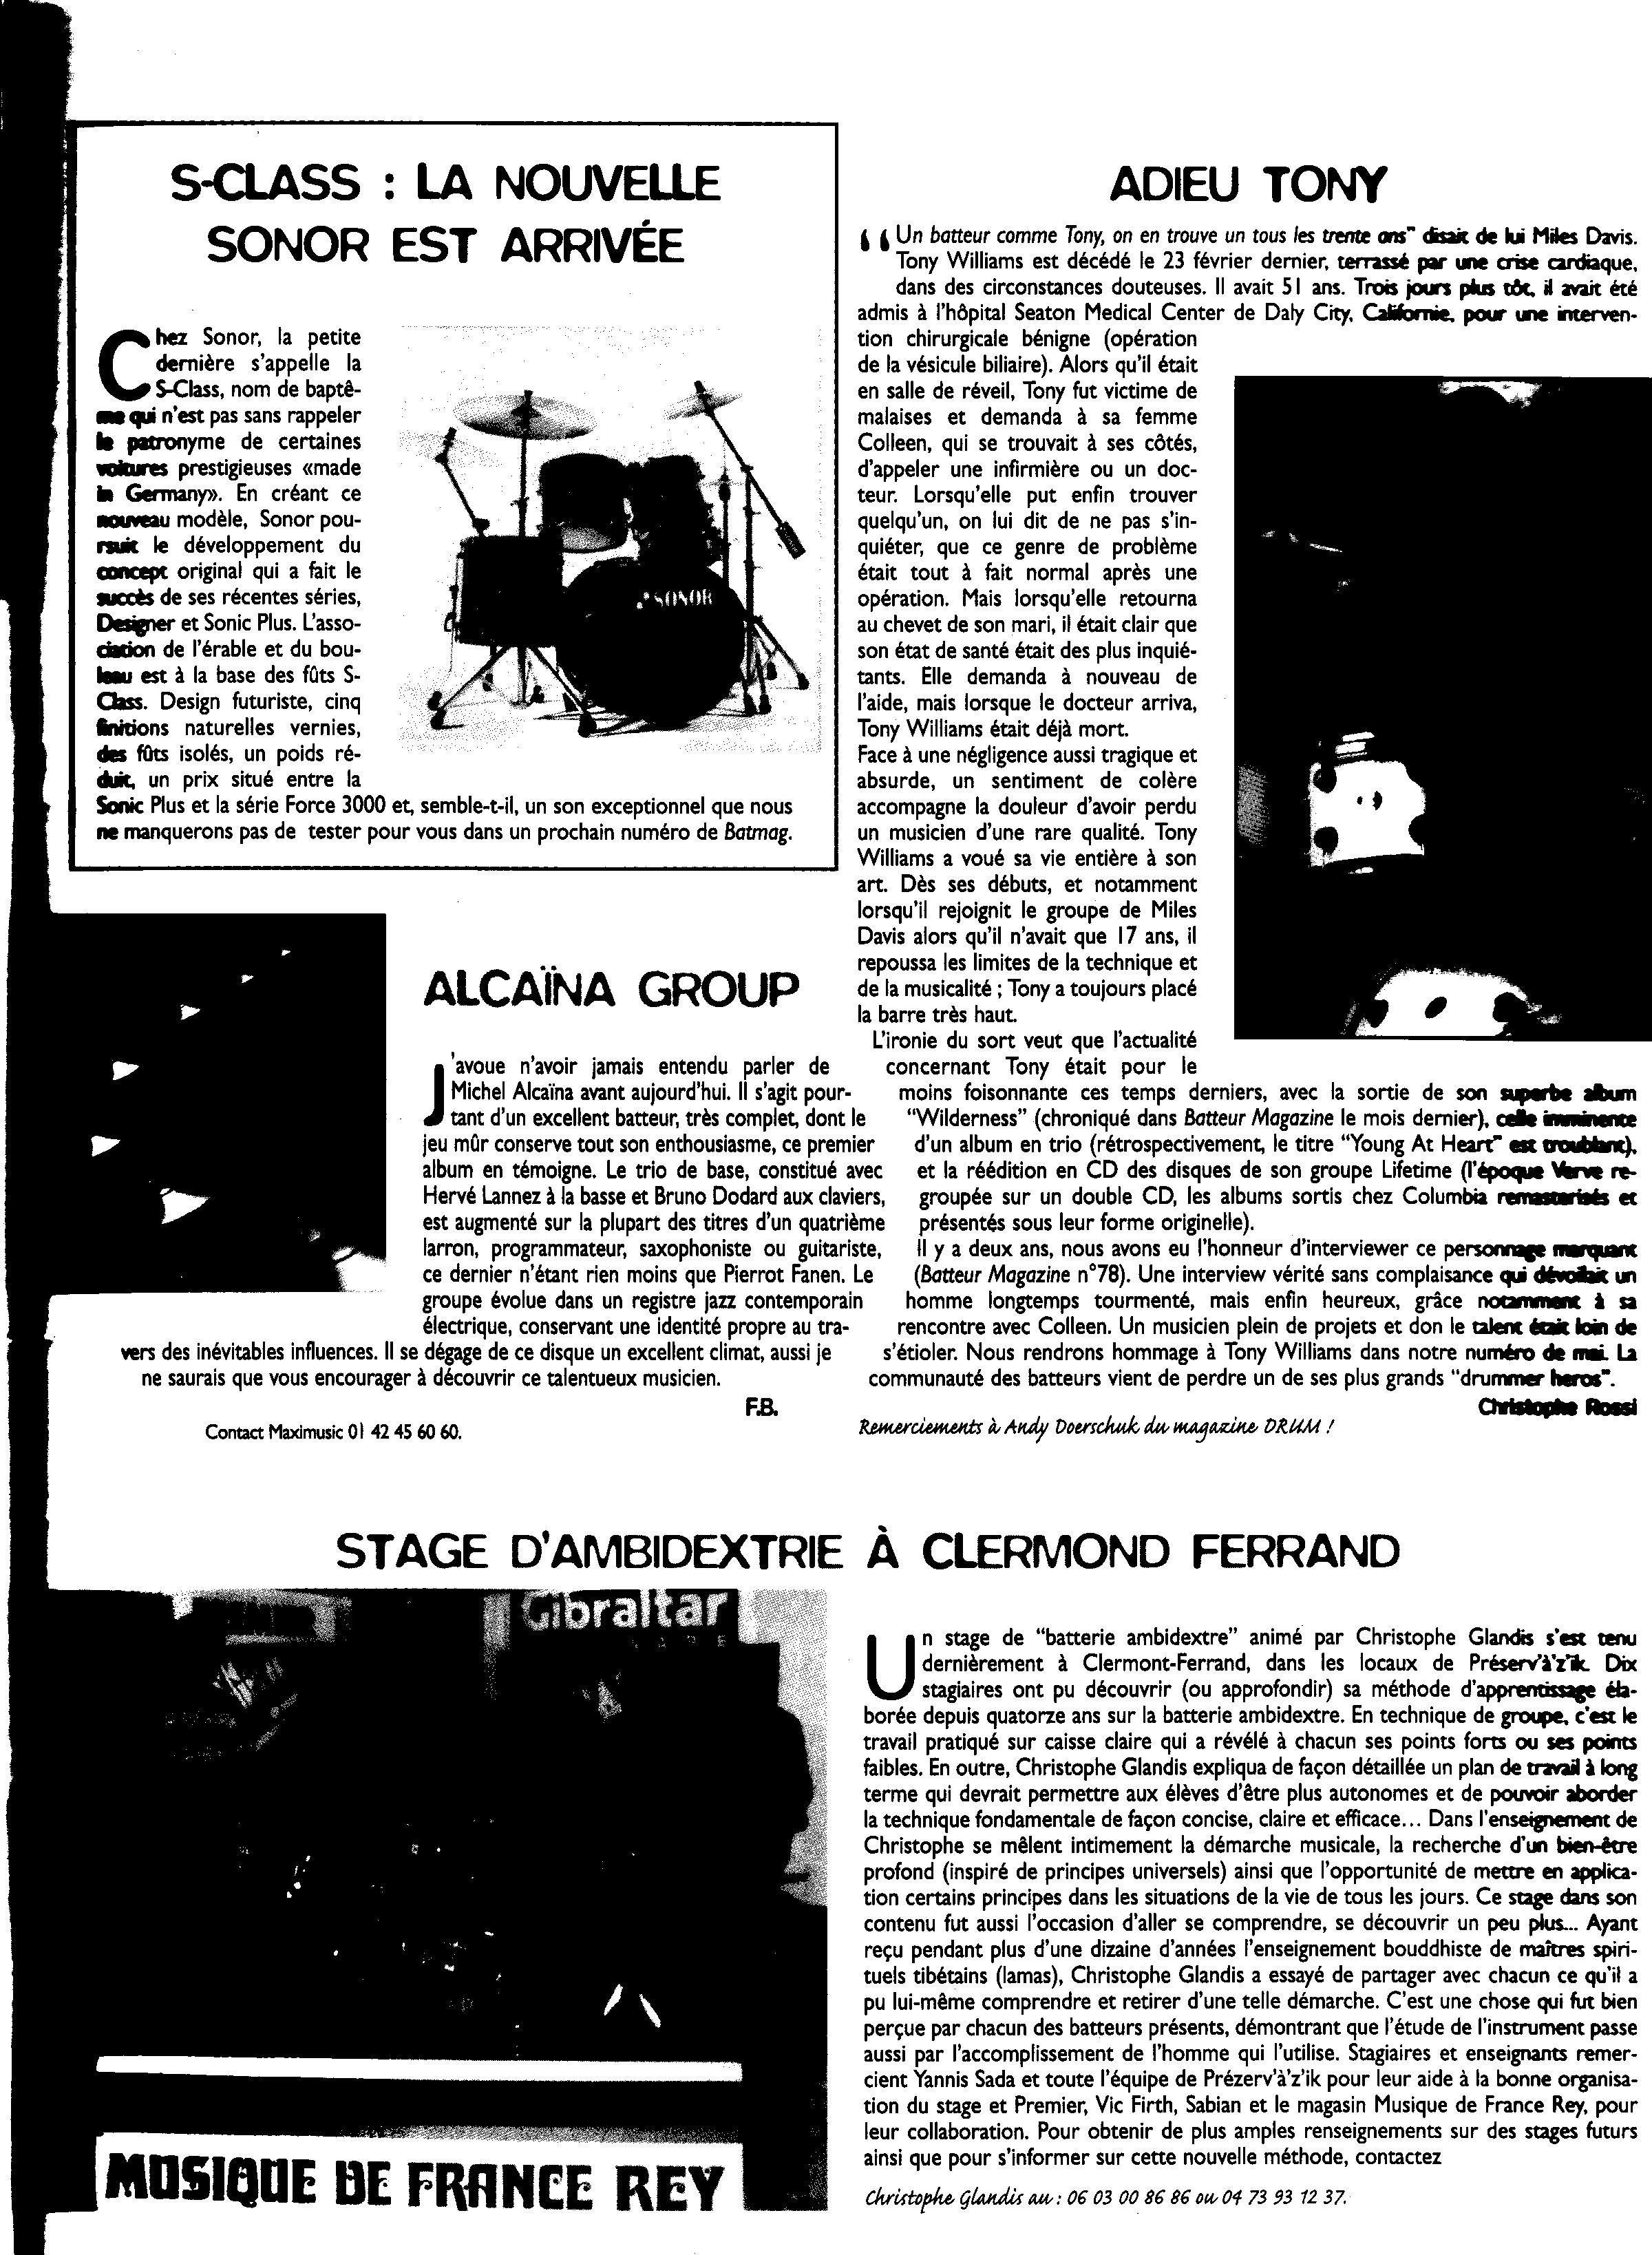 ALCAINA ARTICLE BATTEUR MAGASINE1997